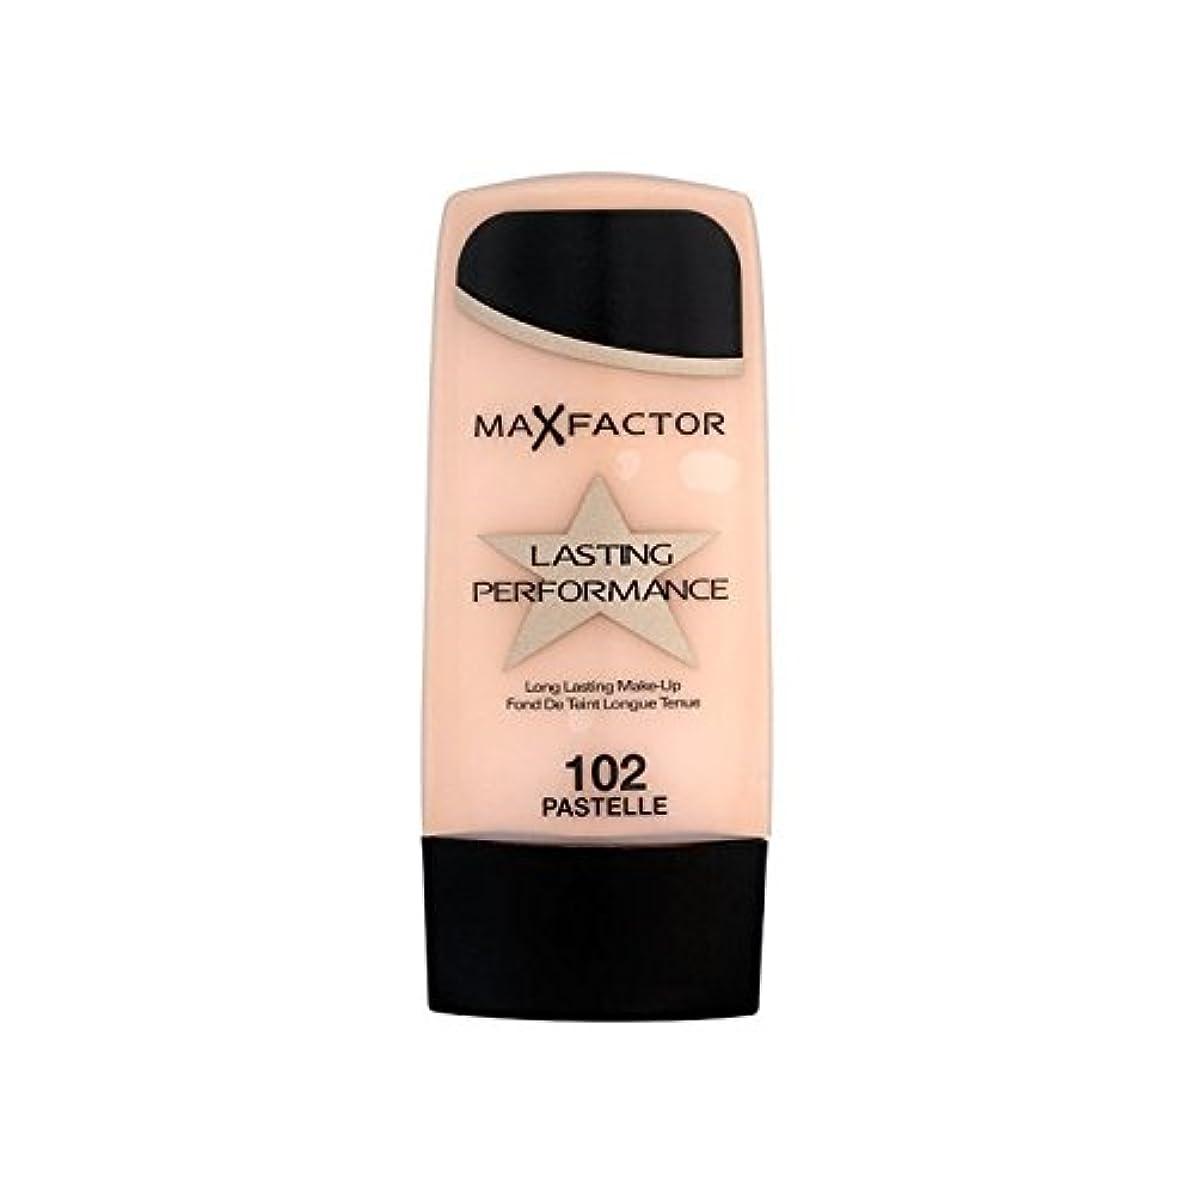 値下げ自伝に同意するMax Factor Lasting Performance Foundation Pastelle 102 - マックスファクター持続パフォーマンスの基礎 102 [並行輸入品]